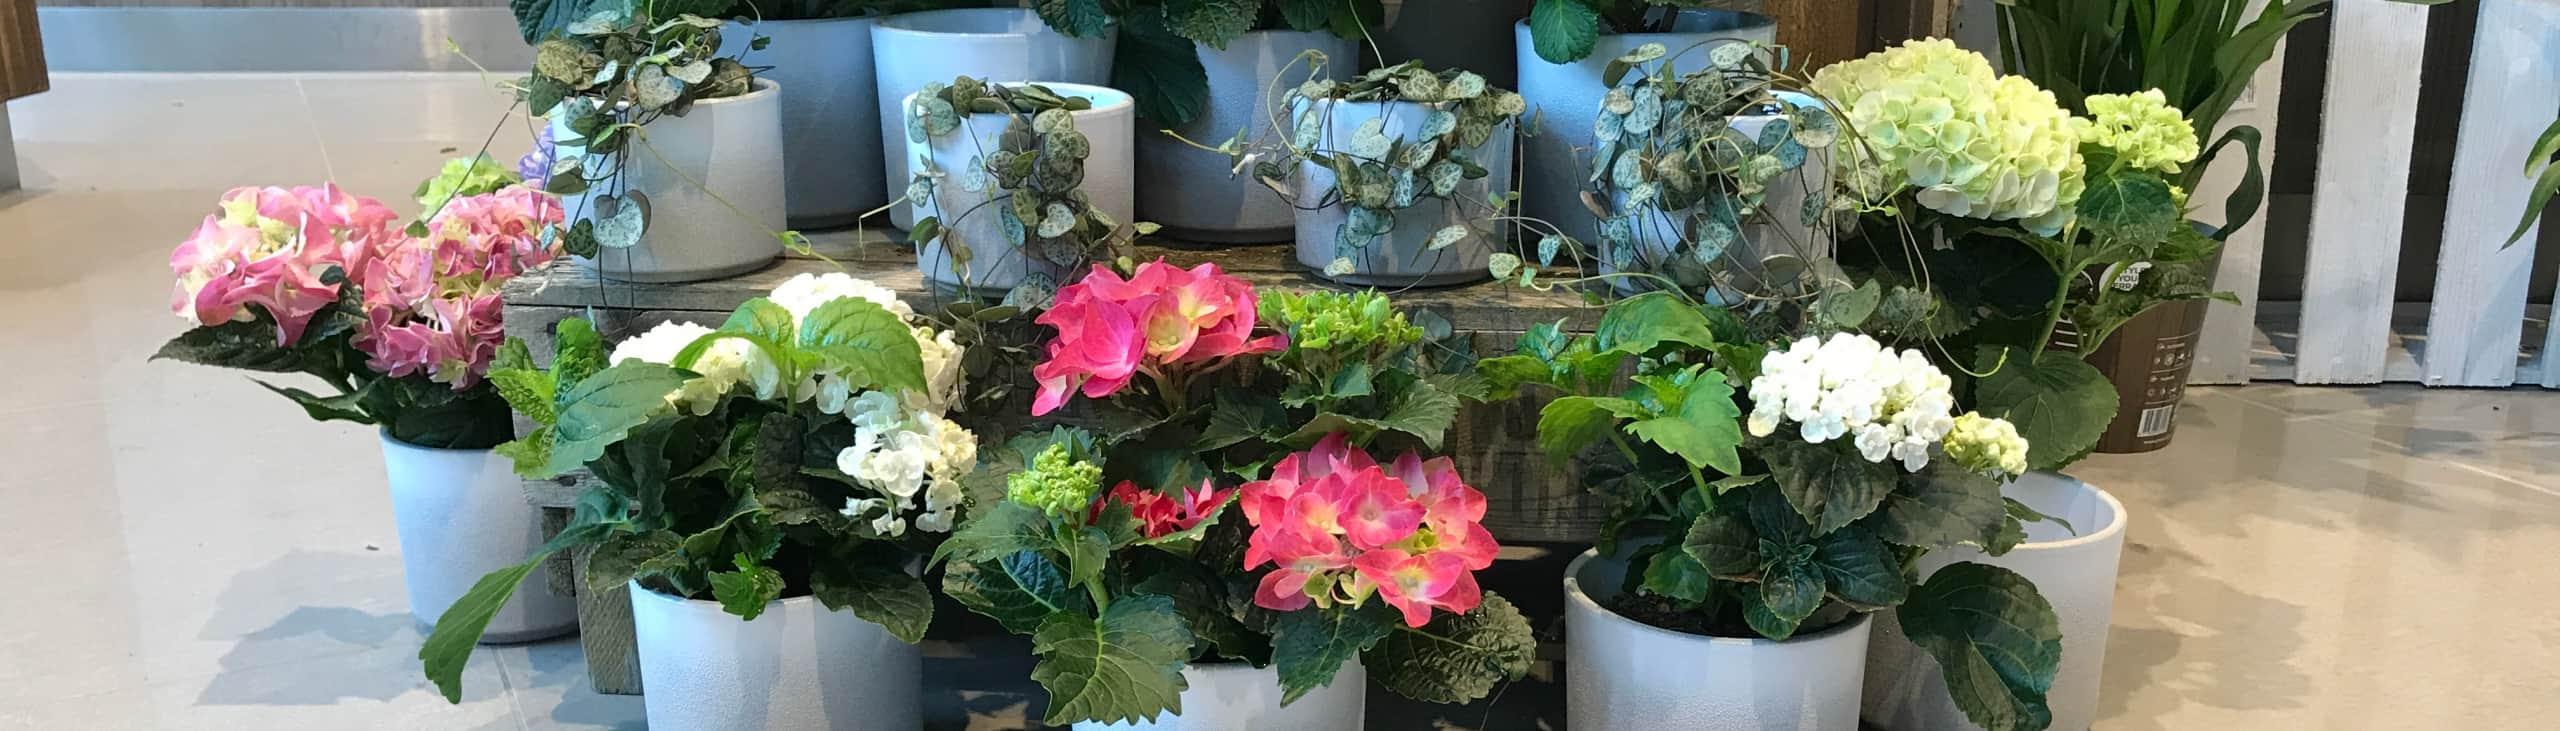 Verschiedene Hortensien in Töpfen ausgestellt in einem Blumengeschäft